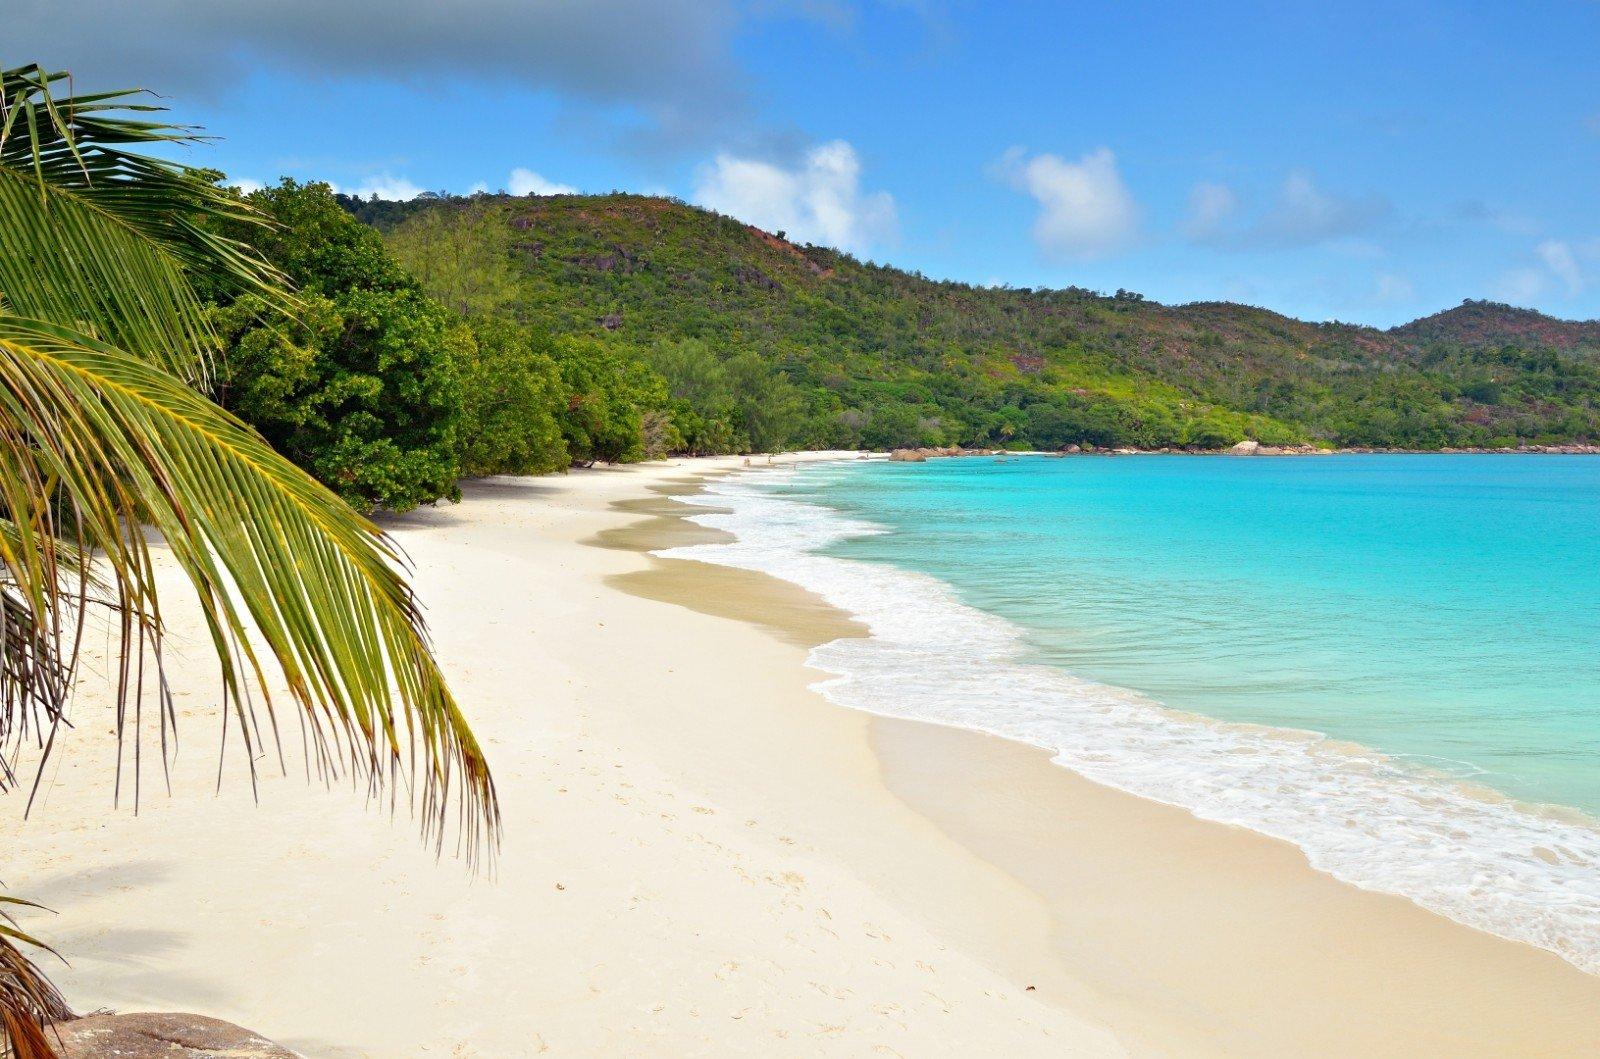 ТОП 10 Идеальных пляжей мира